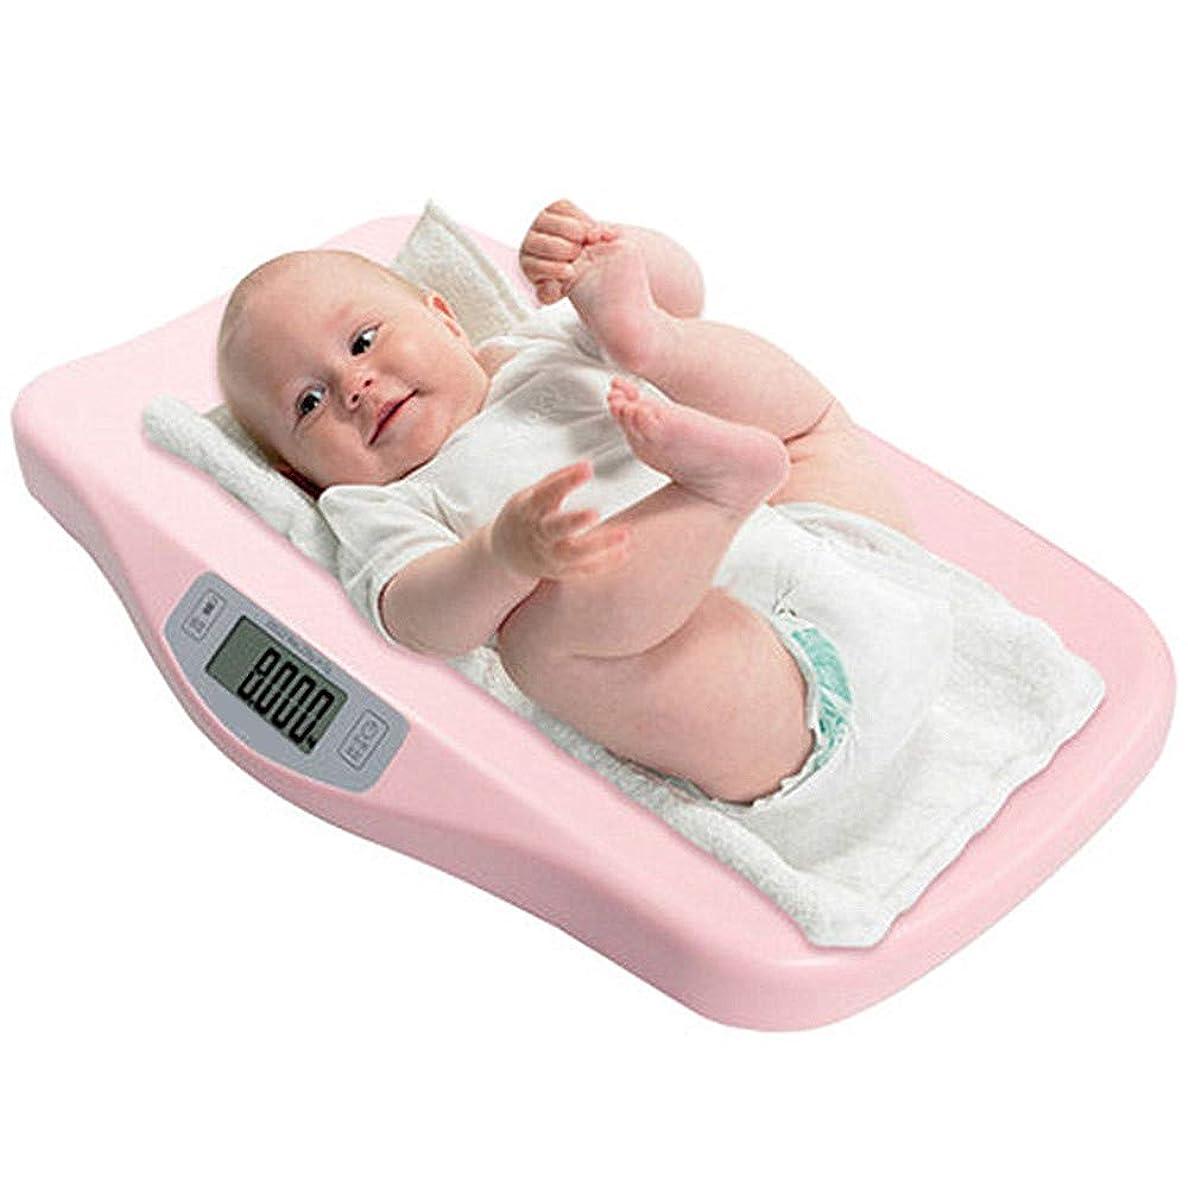 ピンポイント人工新生児の体重計子供の標準的な赤ちゃんポータブルピンクの青電子体重計ホーム,Blue